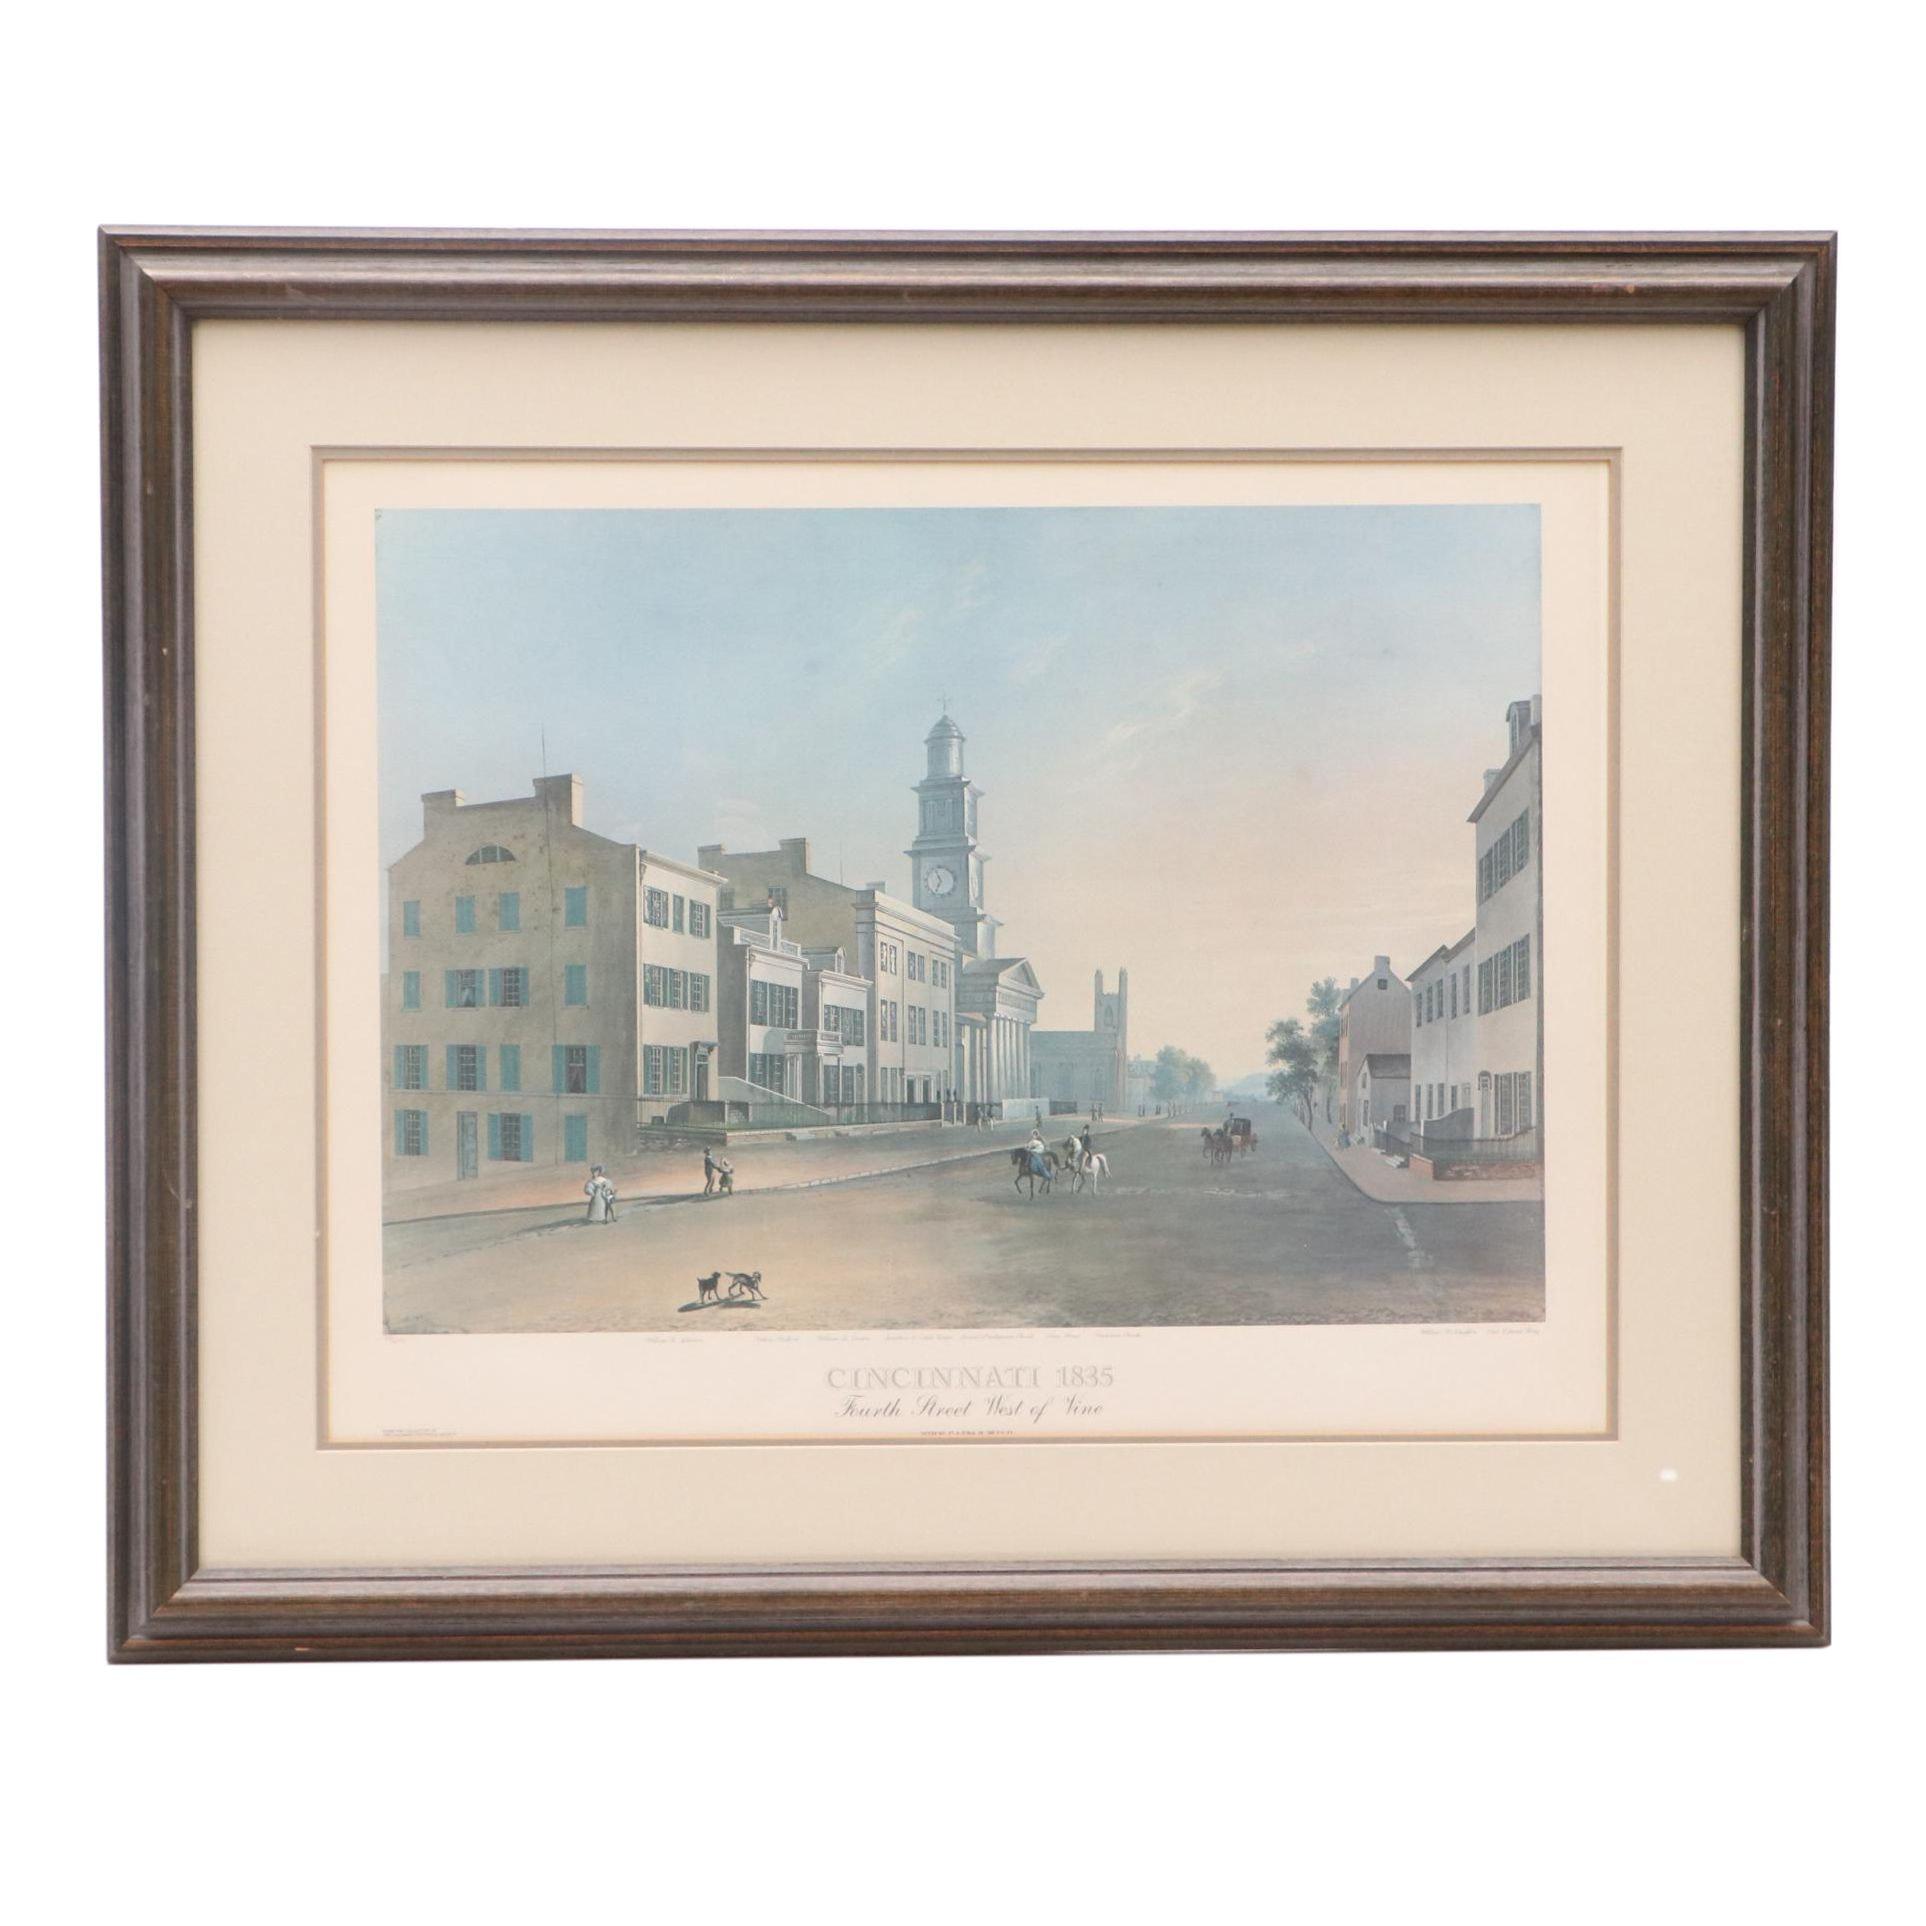 """Limited Edition Offset Lithograph after John Caspar Wild """"Cincinnati 1835"""""""